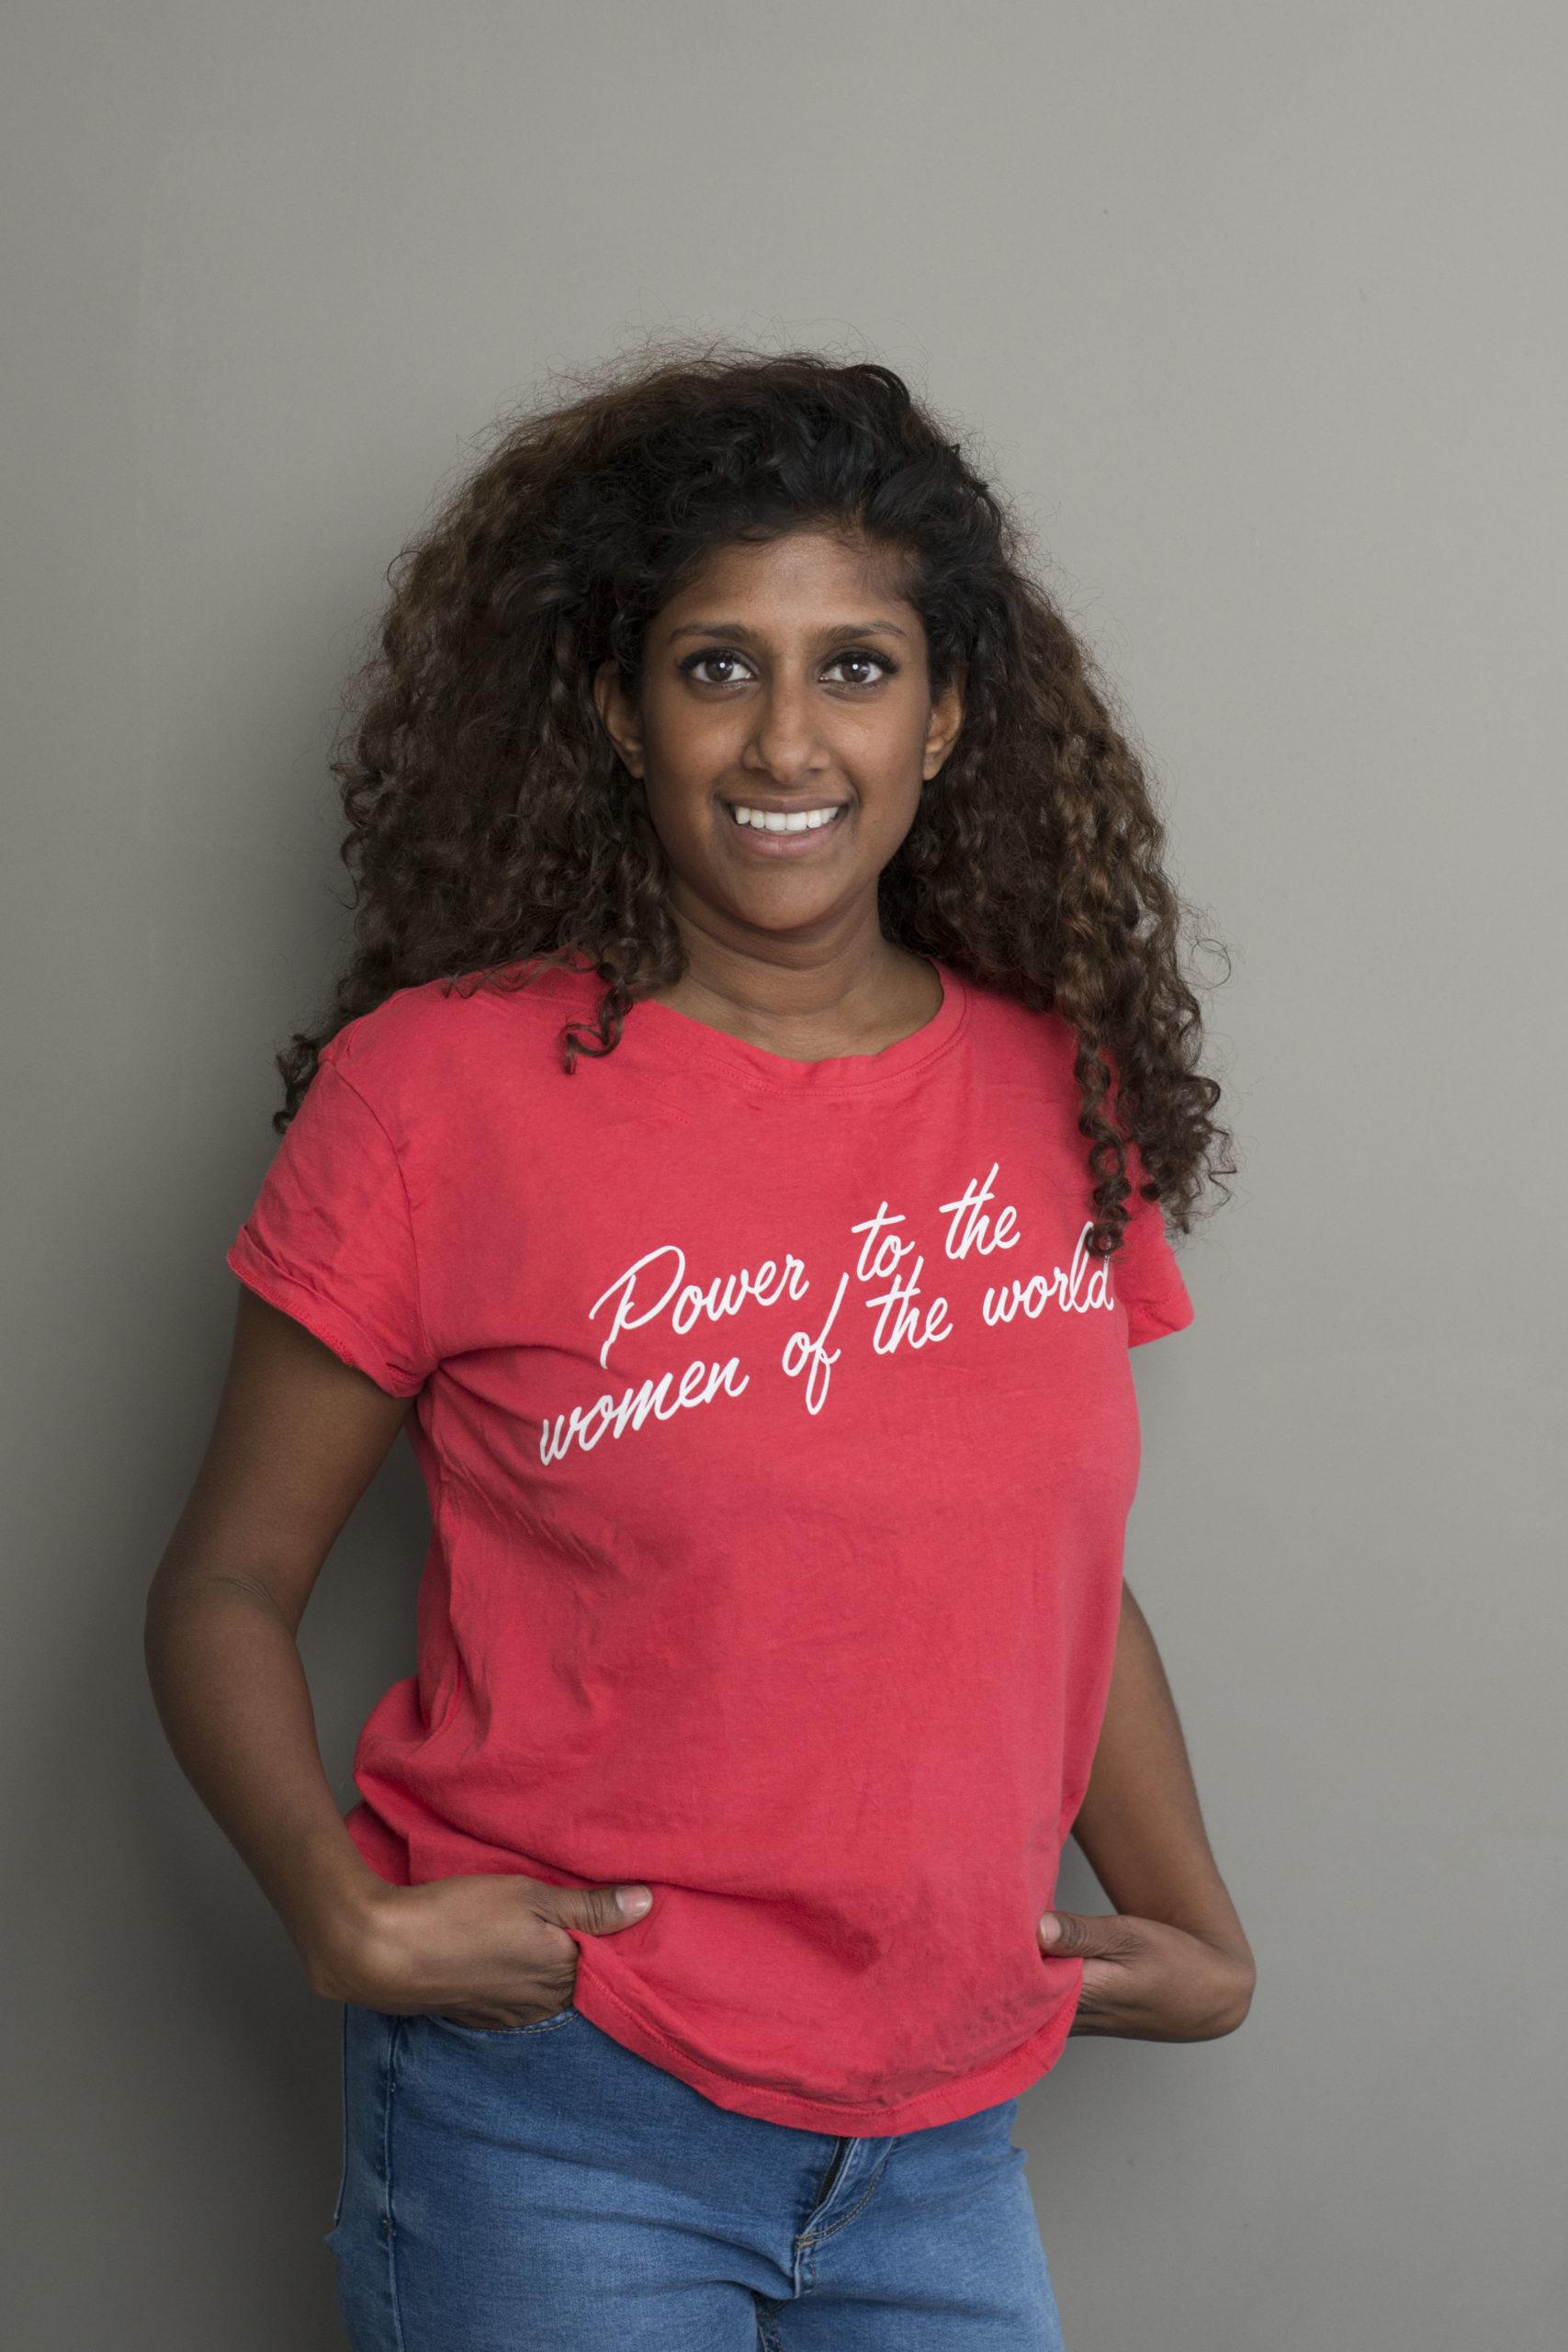 Power to the women of the world - Sandra Doevendans